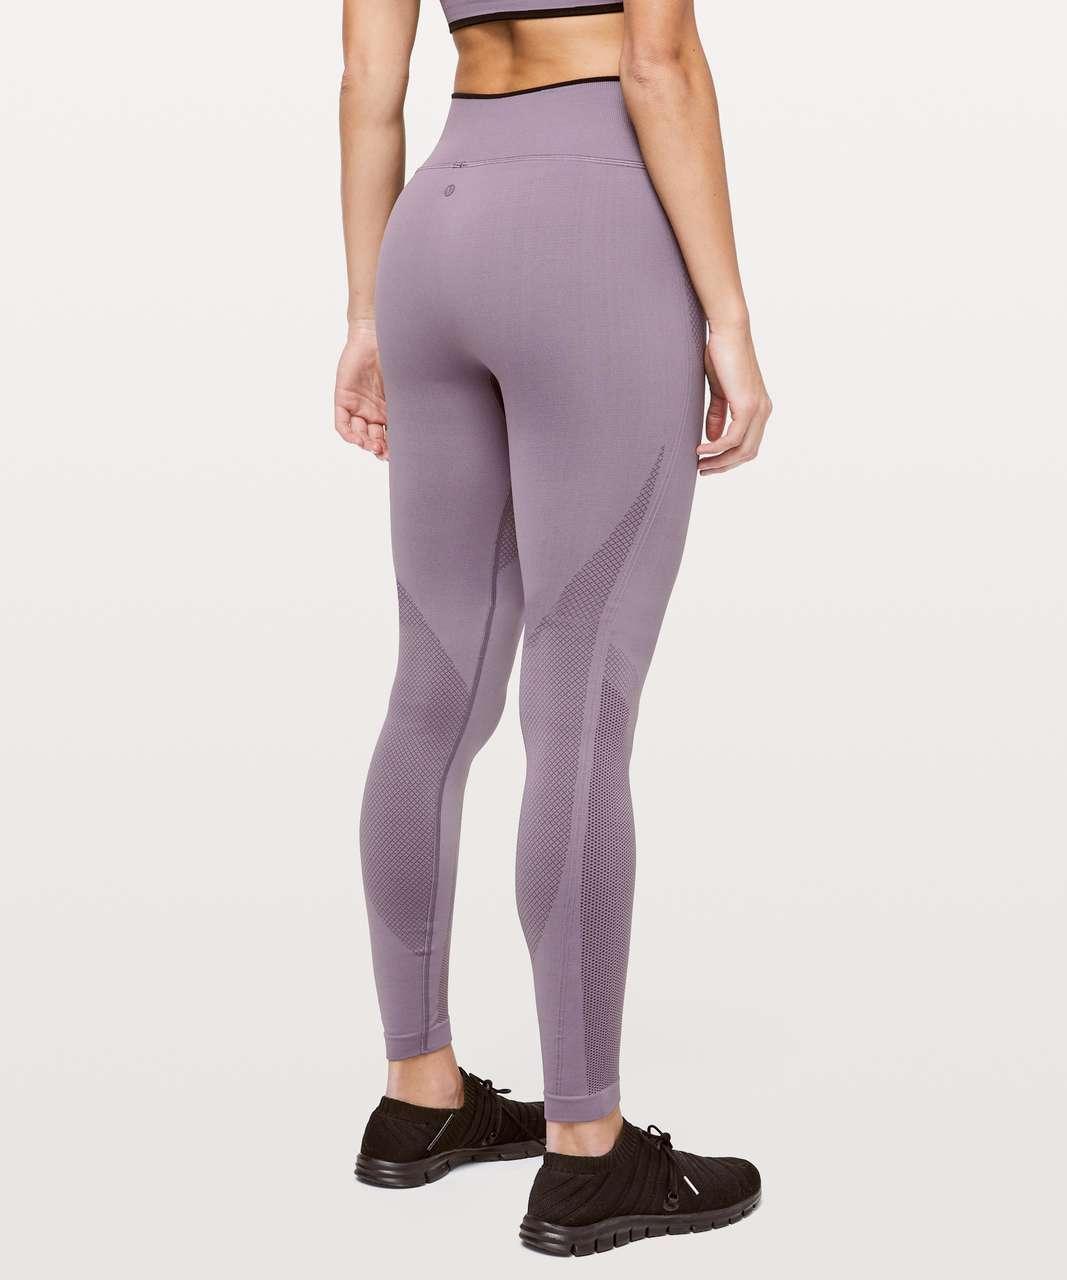 Damenmode Leggings Purple Inky Waters Yoga Leggings